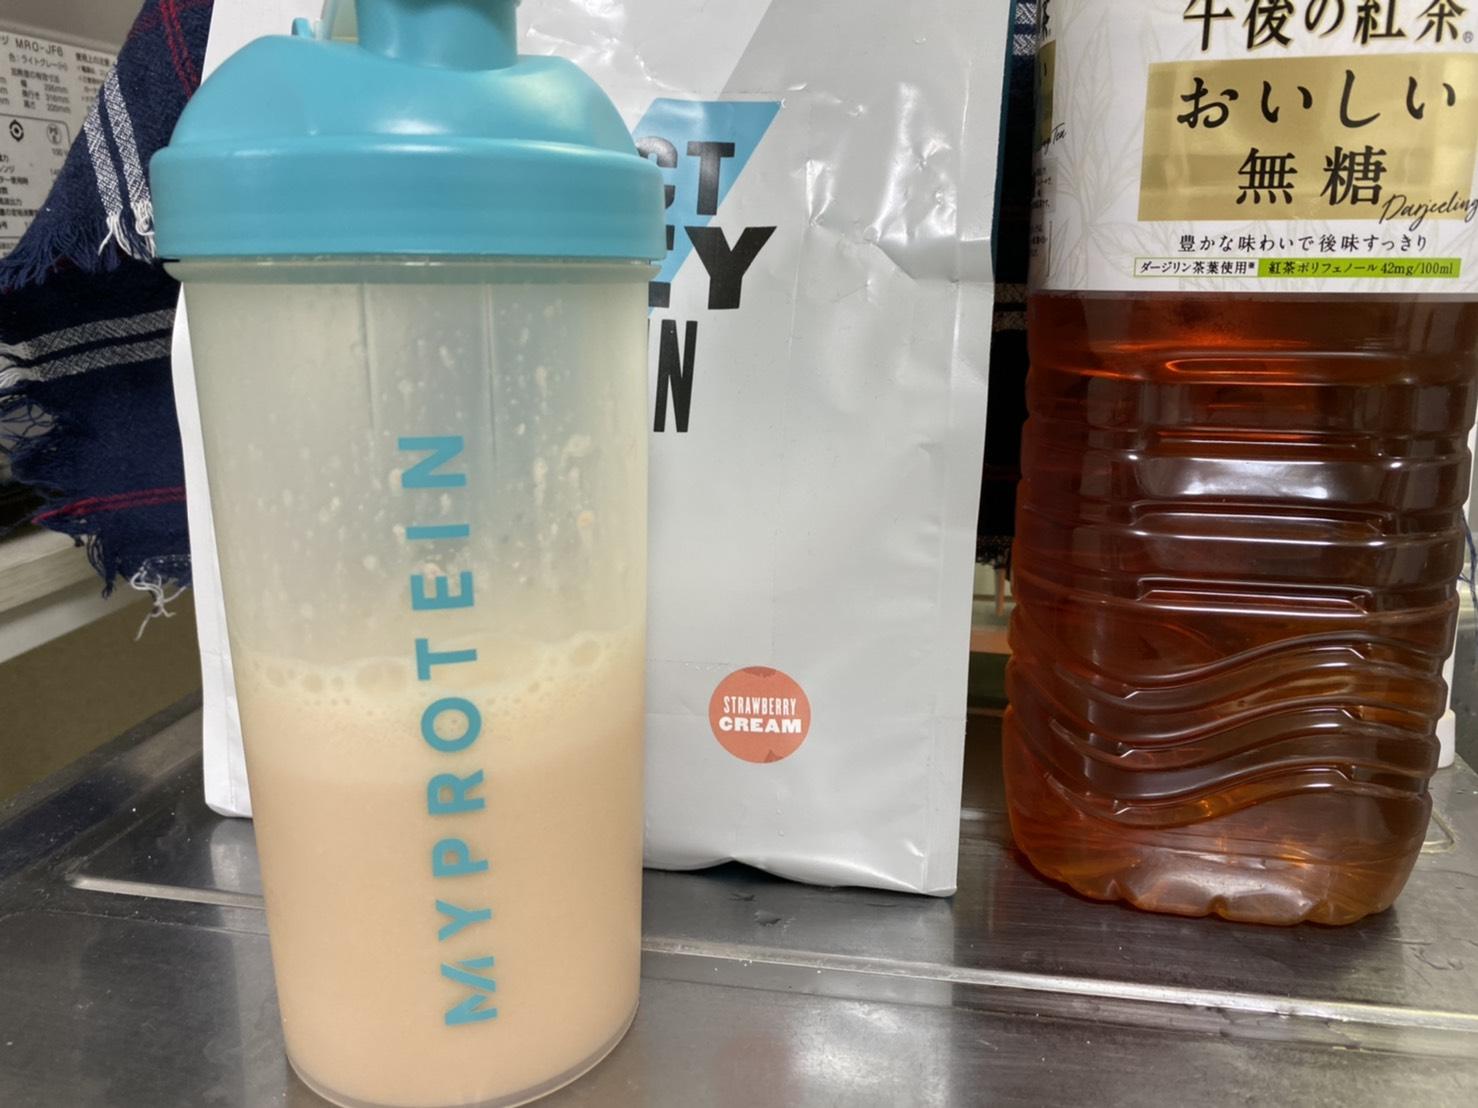 ストロベリークリーム味+無糖紅茶